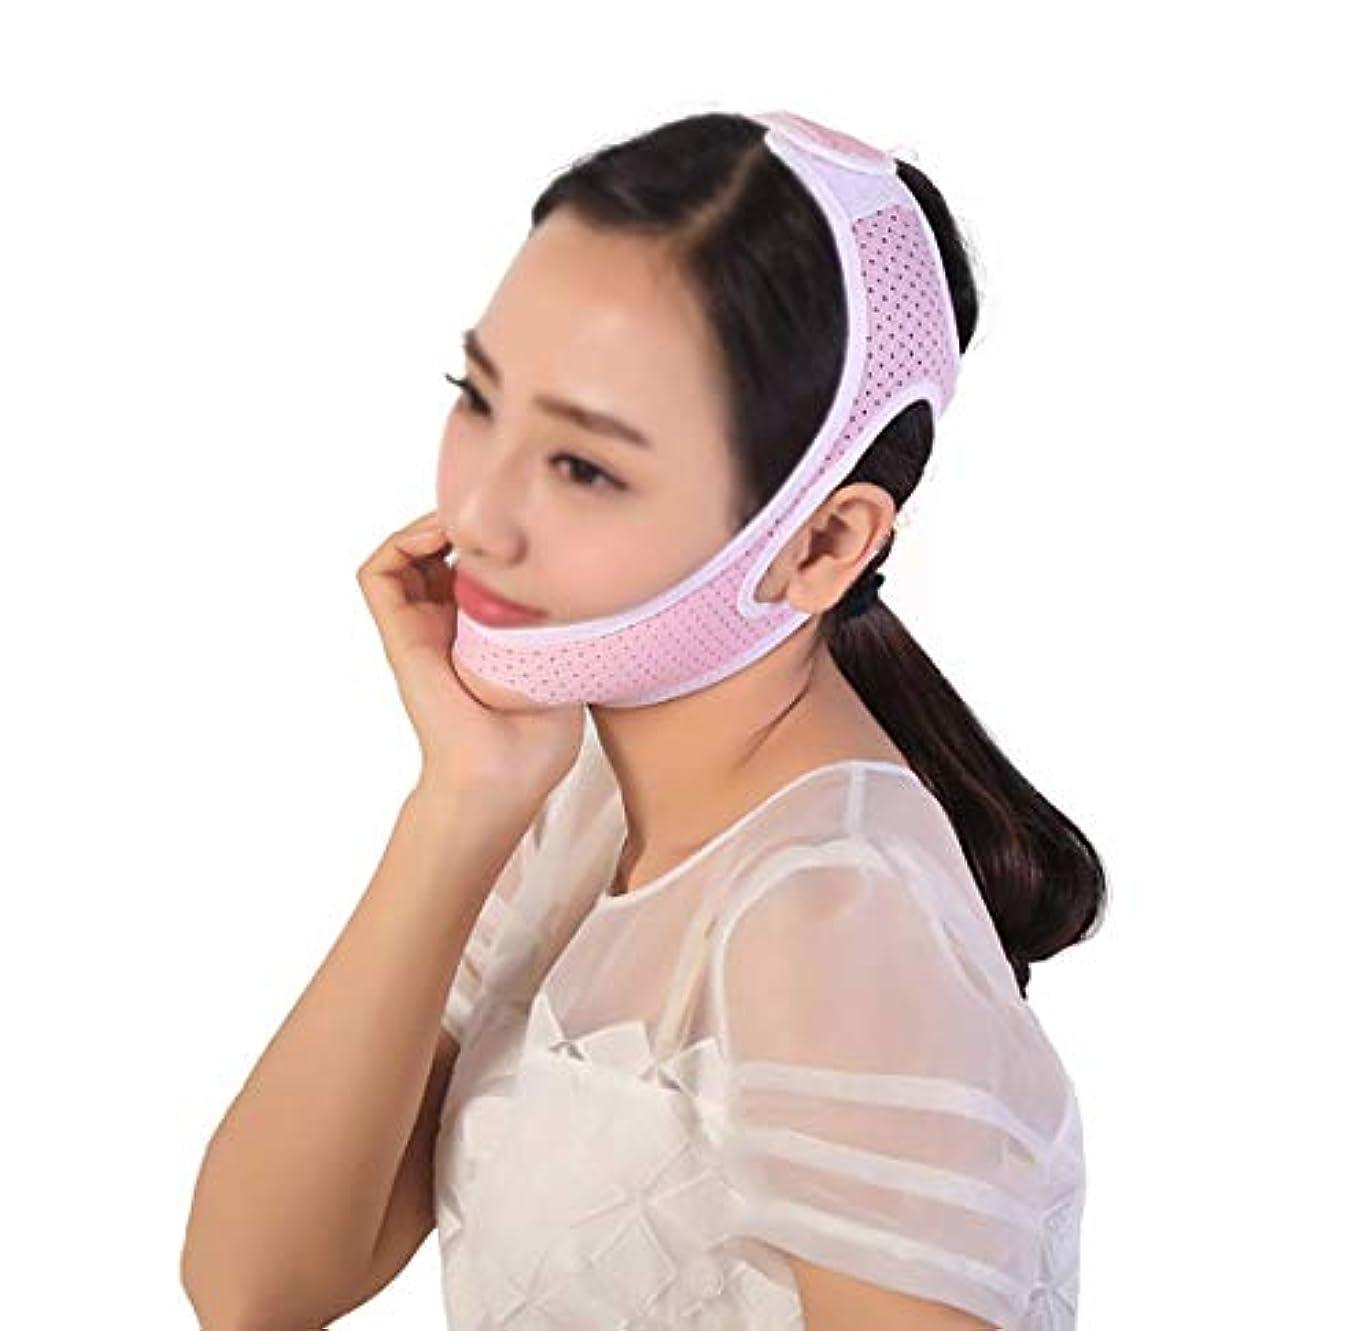 引き出しじゃない広く顔用痩身マスク痩身包帯通気性フェイシャルダブルチンケア減量フェイスベルト(サイズ:M)